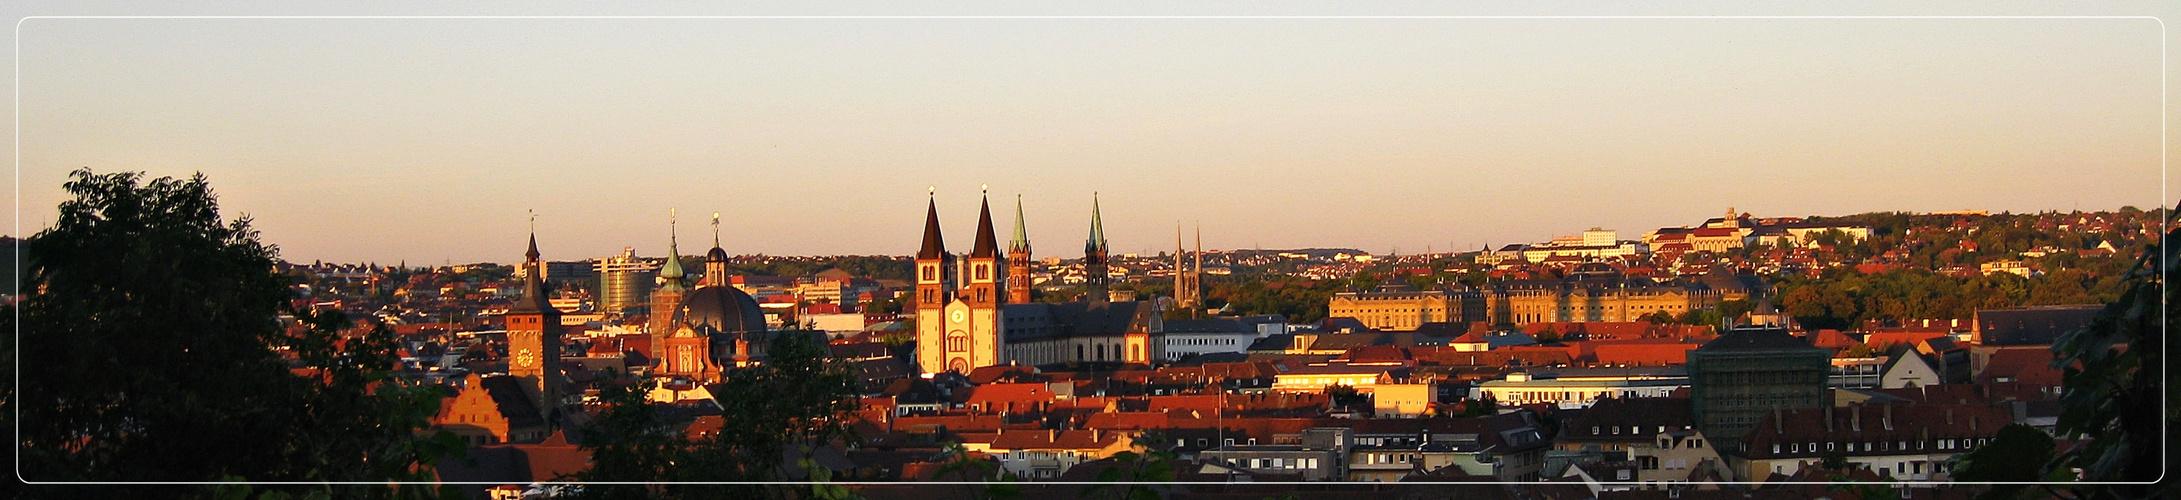 * Würzburg *